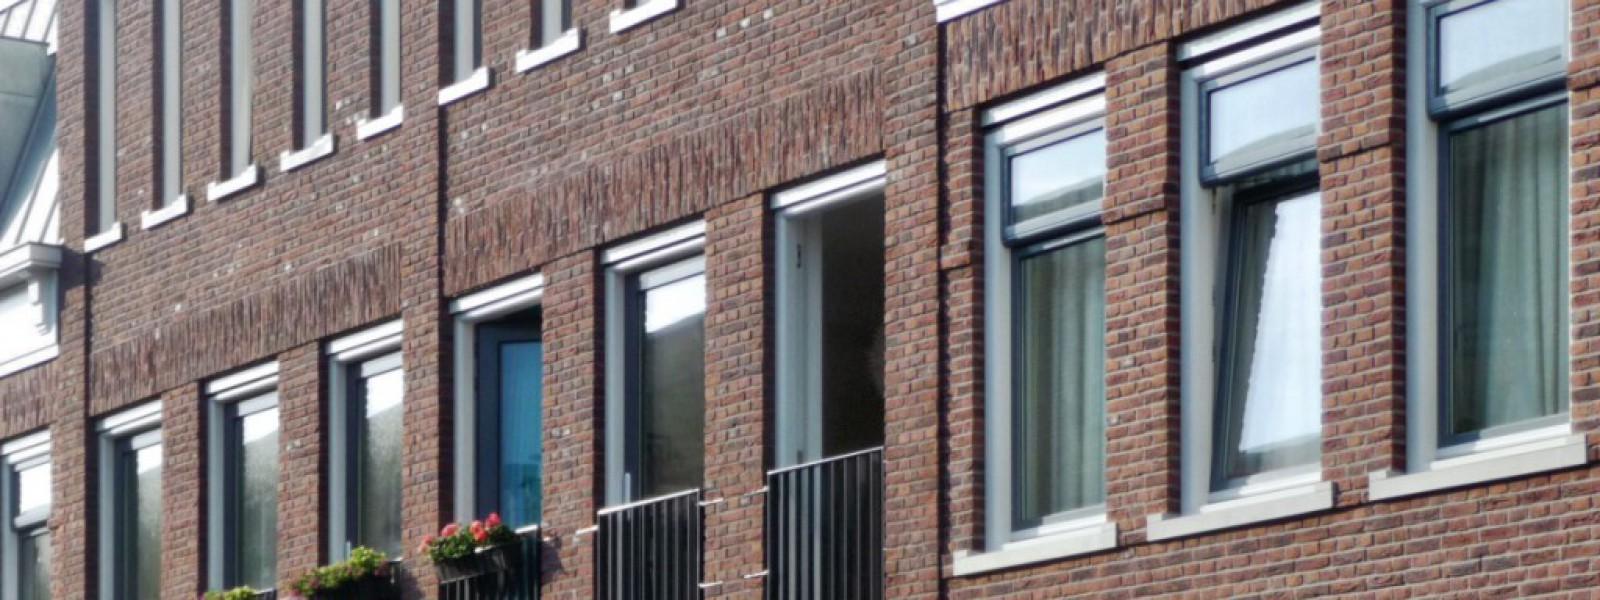 76_Bergstraat / Bleiswijkstraat Rotterdam_3